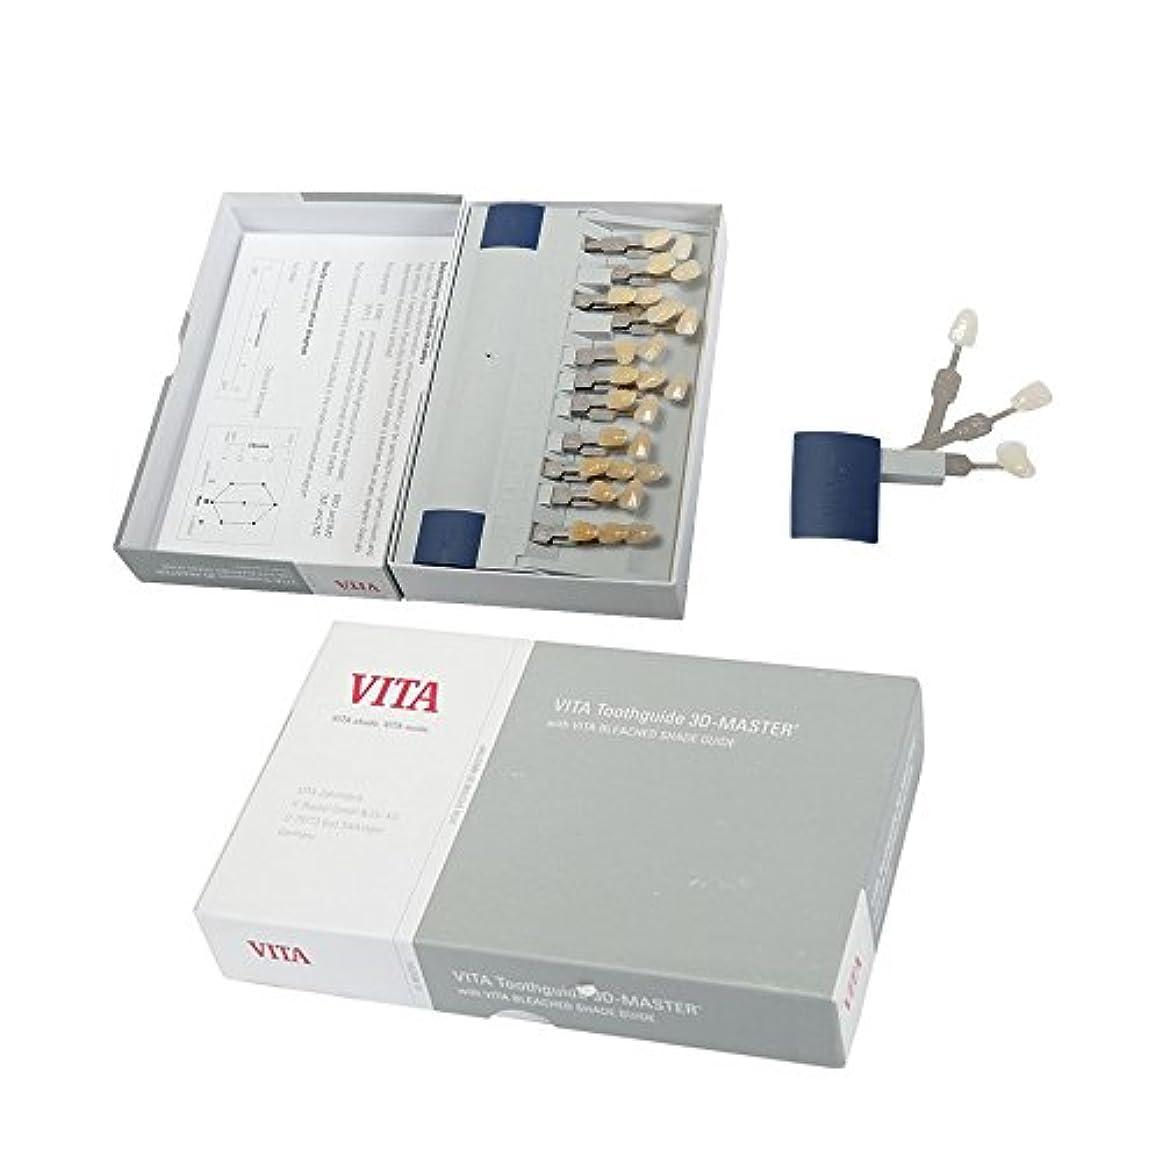 東どこにでも懐VITA3Dシェードガイド 29色 3D 歯列模型ボード Teeth Whitening